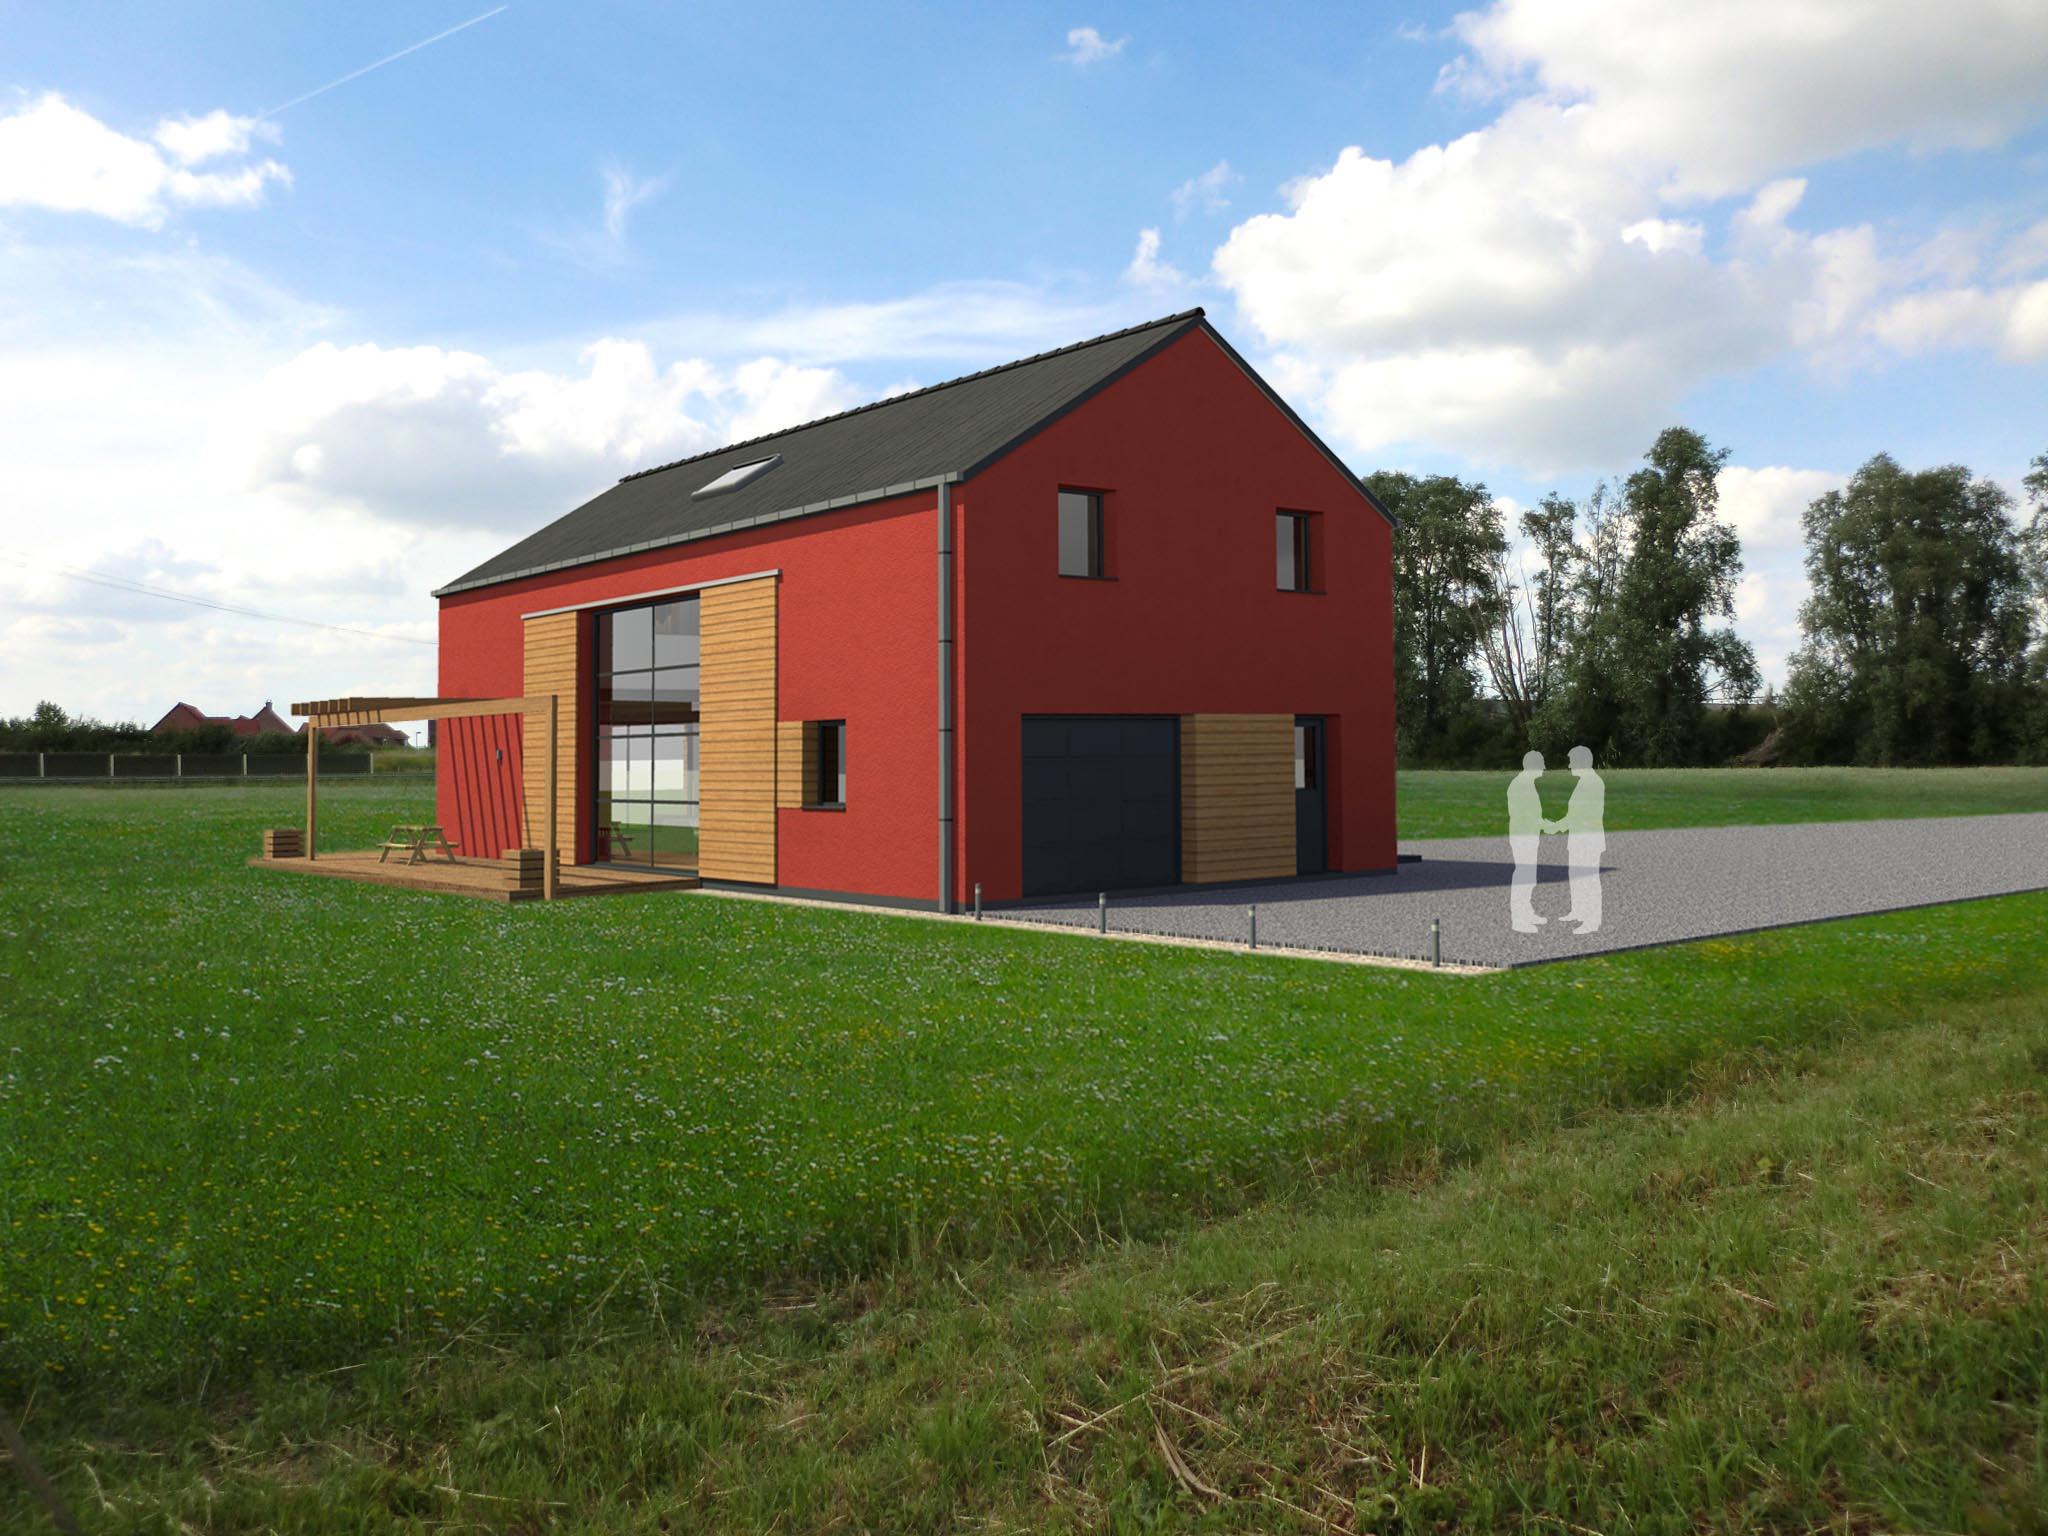 Logiciel maison gratuit simple plan de maison moderne - Logiciel pour construire sa maison ...